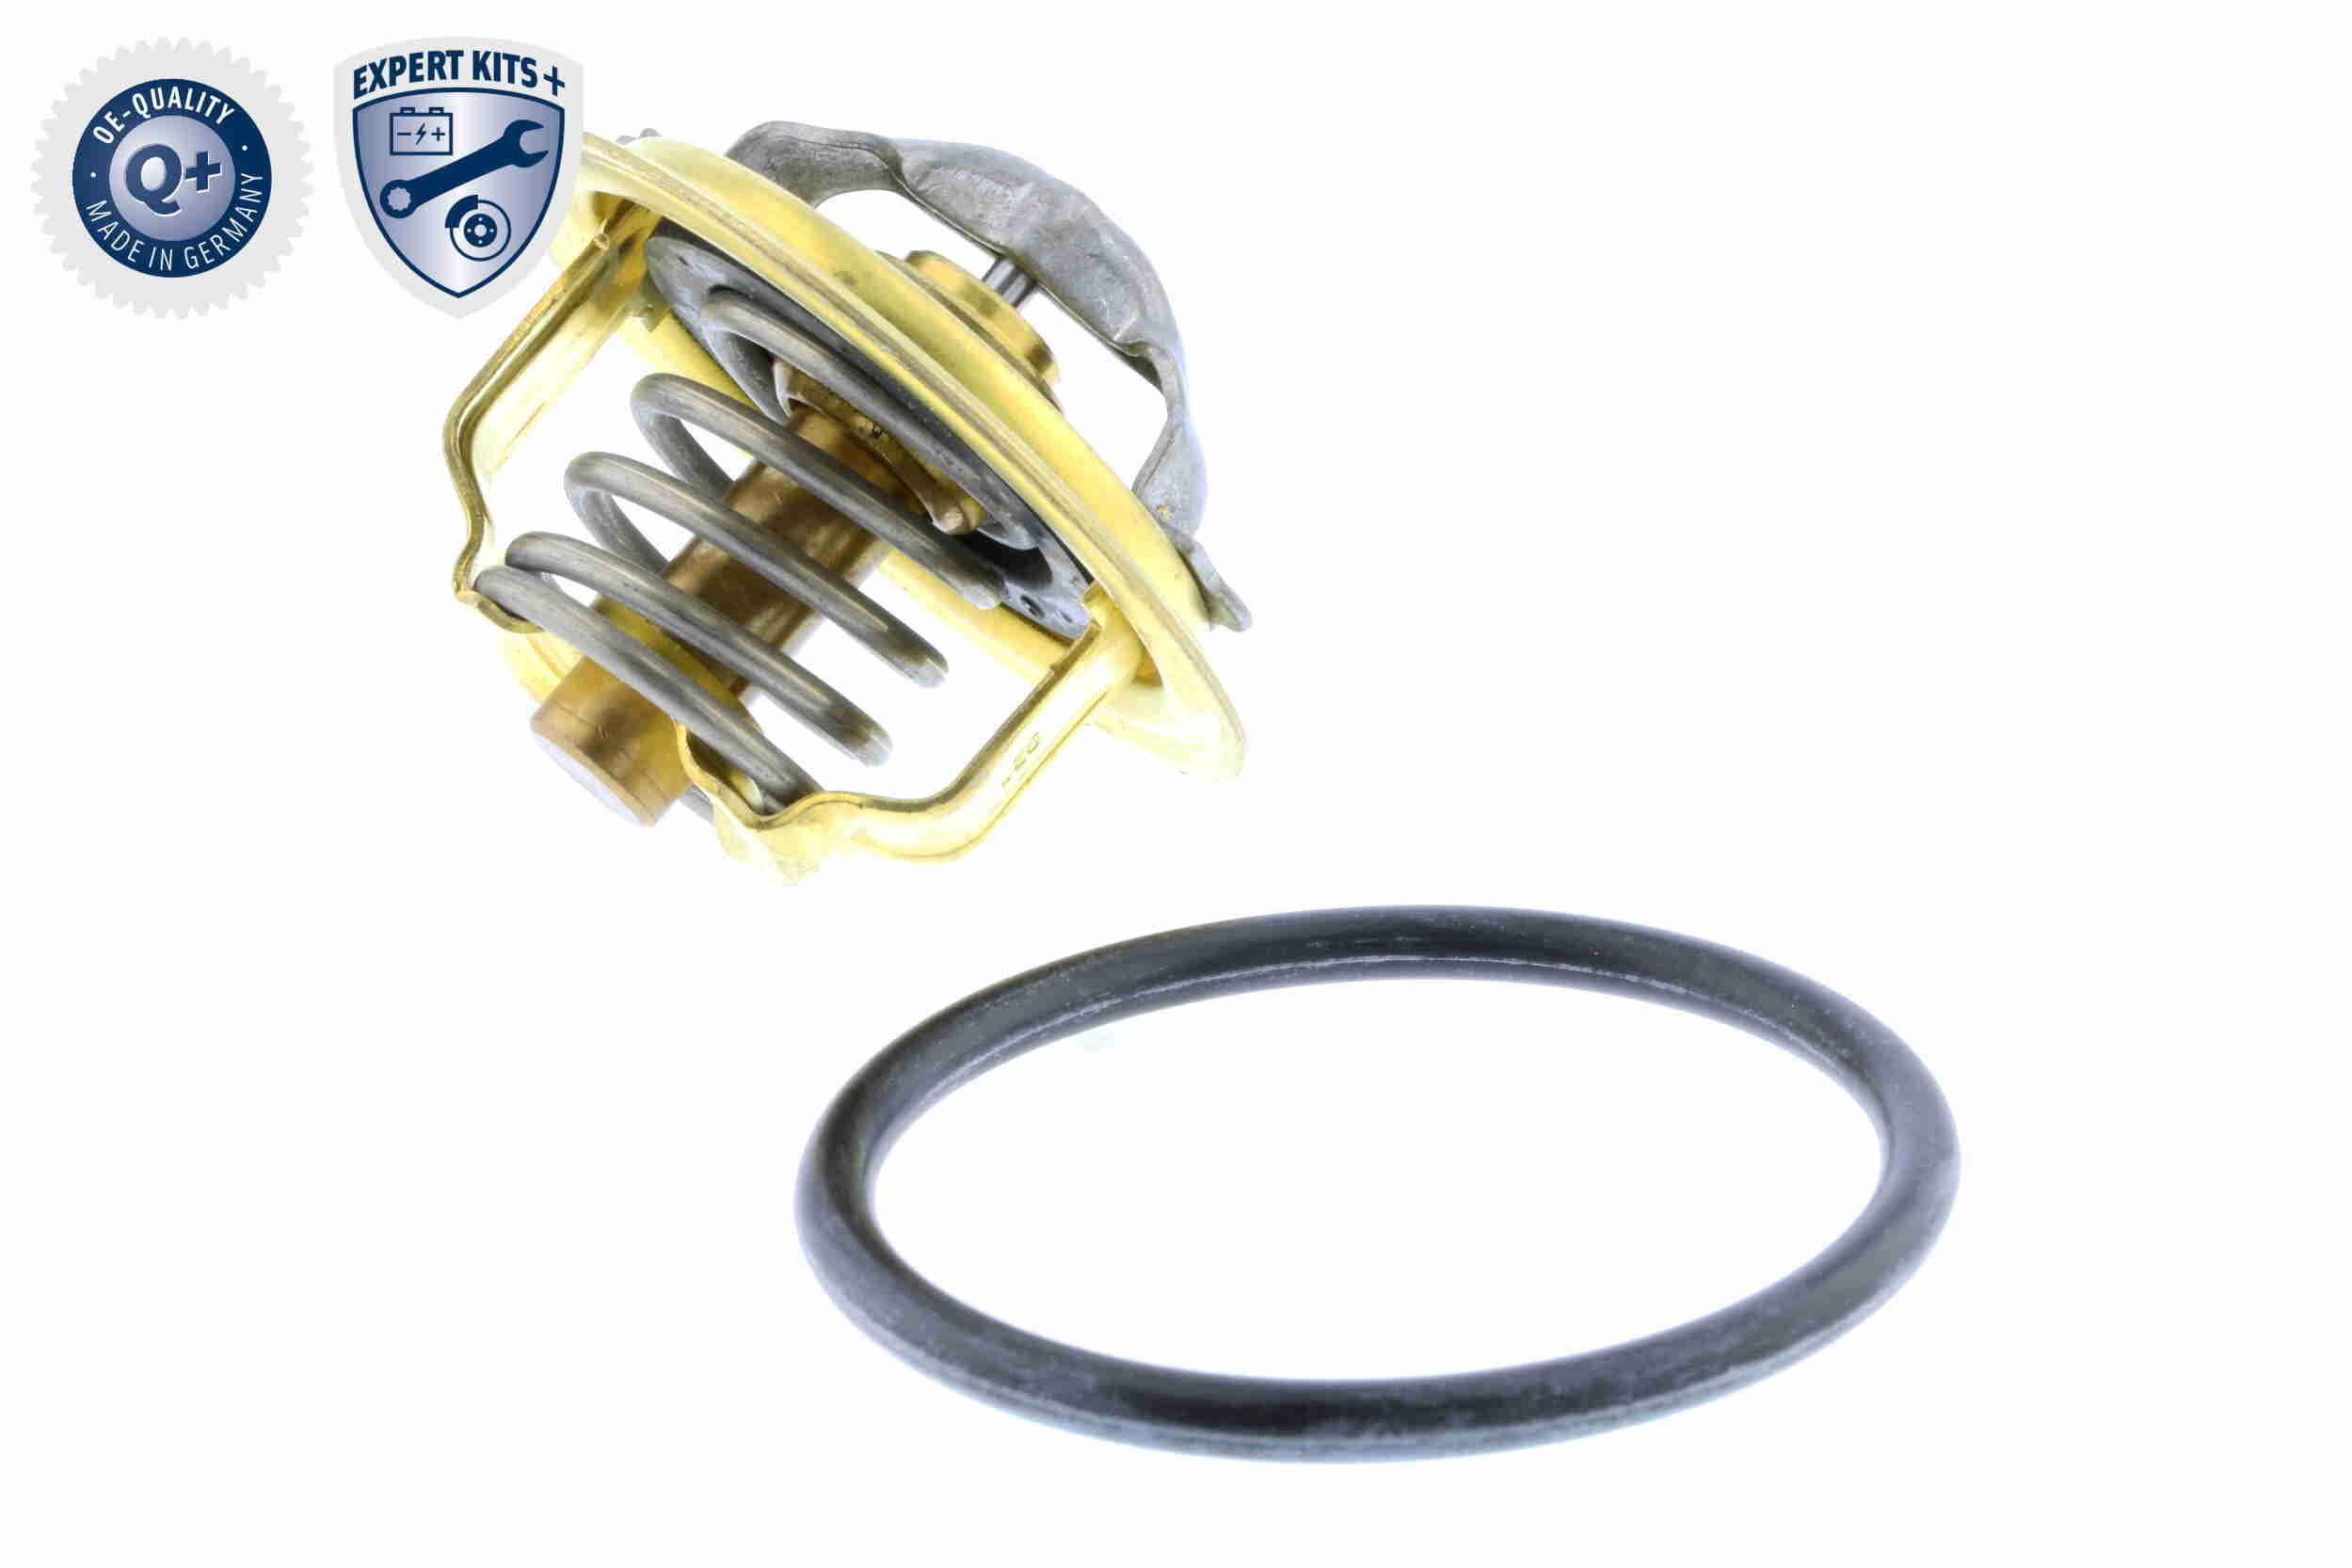 V15-99-2075 VEMO Öffnungstemperatur: 92°C, mit Dichtung, mit Rohrstutzen, EXPERT KITS + Thermostat, Kühlmittel V15-99-2075 günstig kaufen